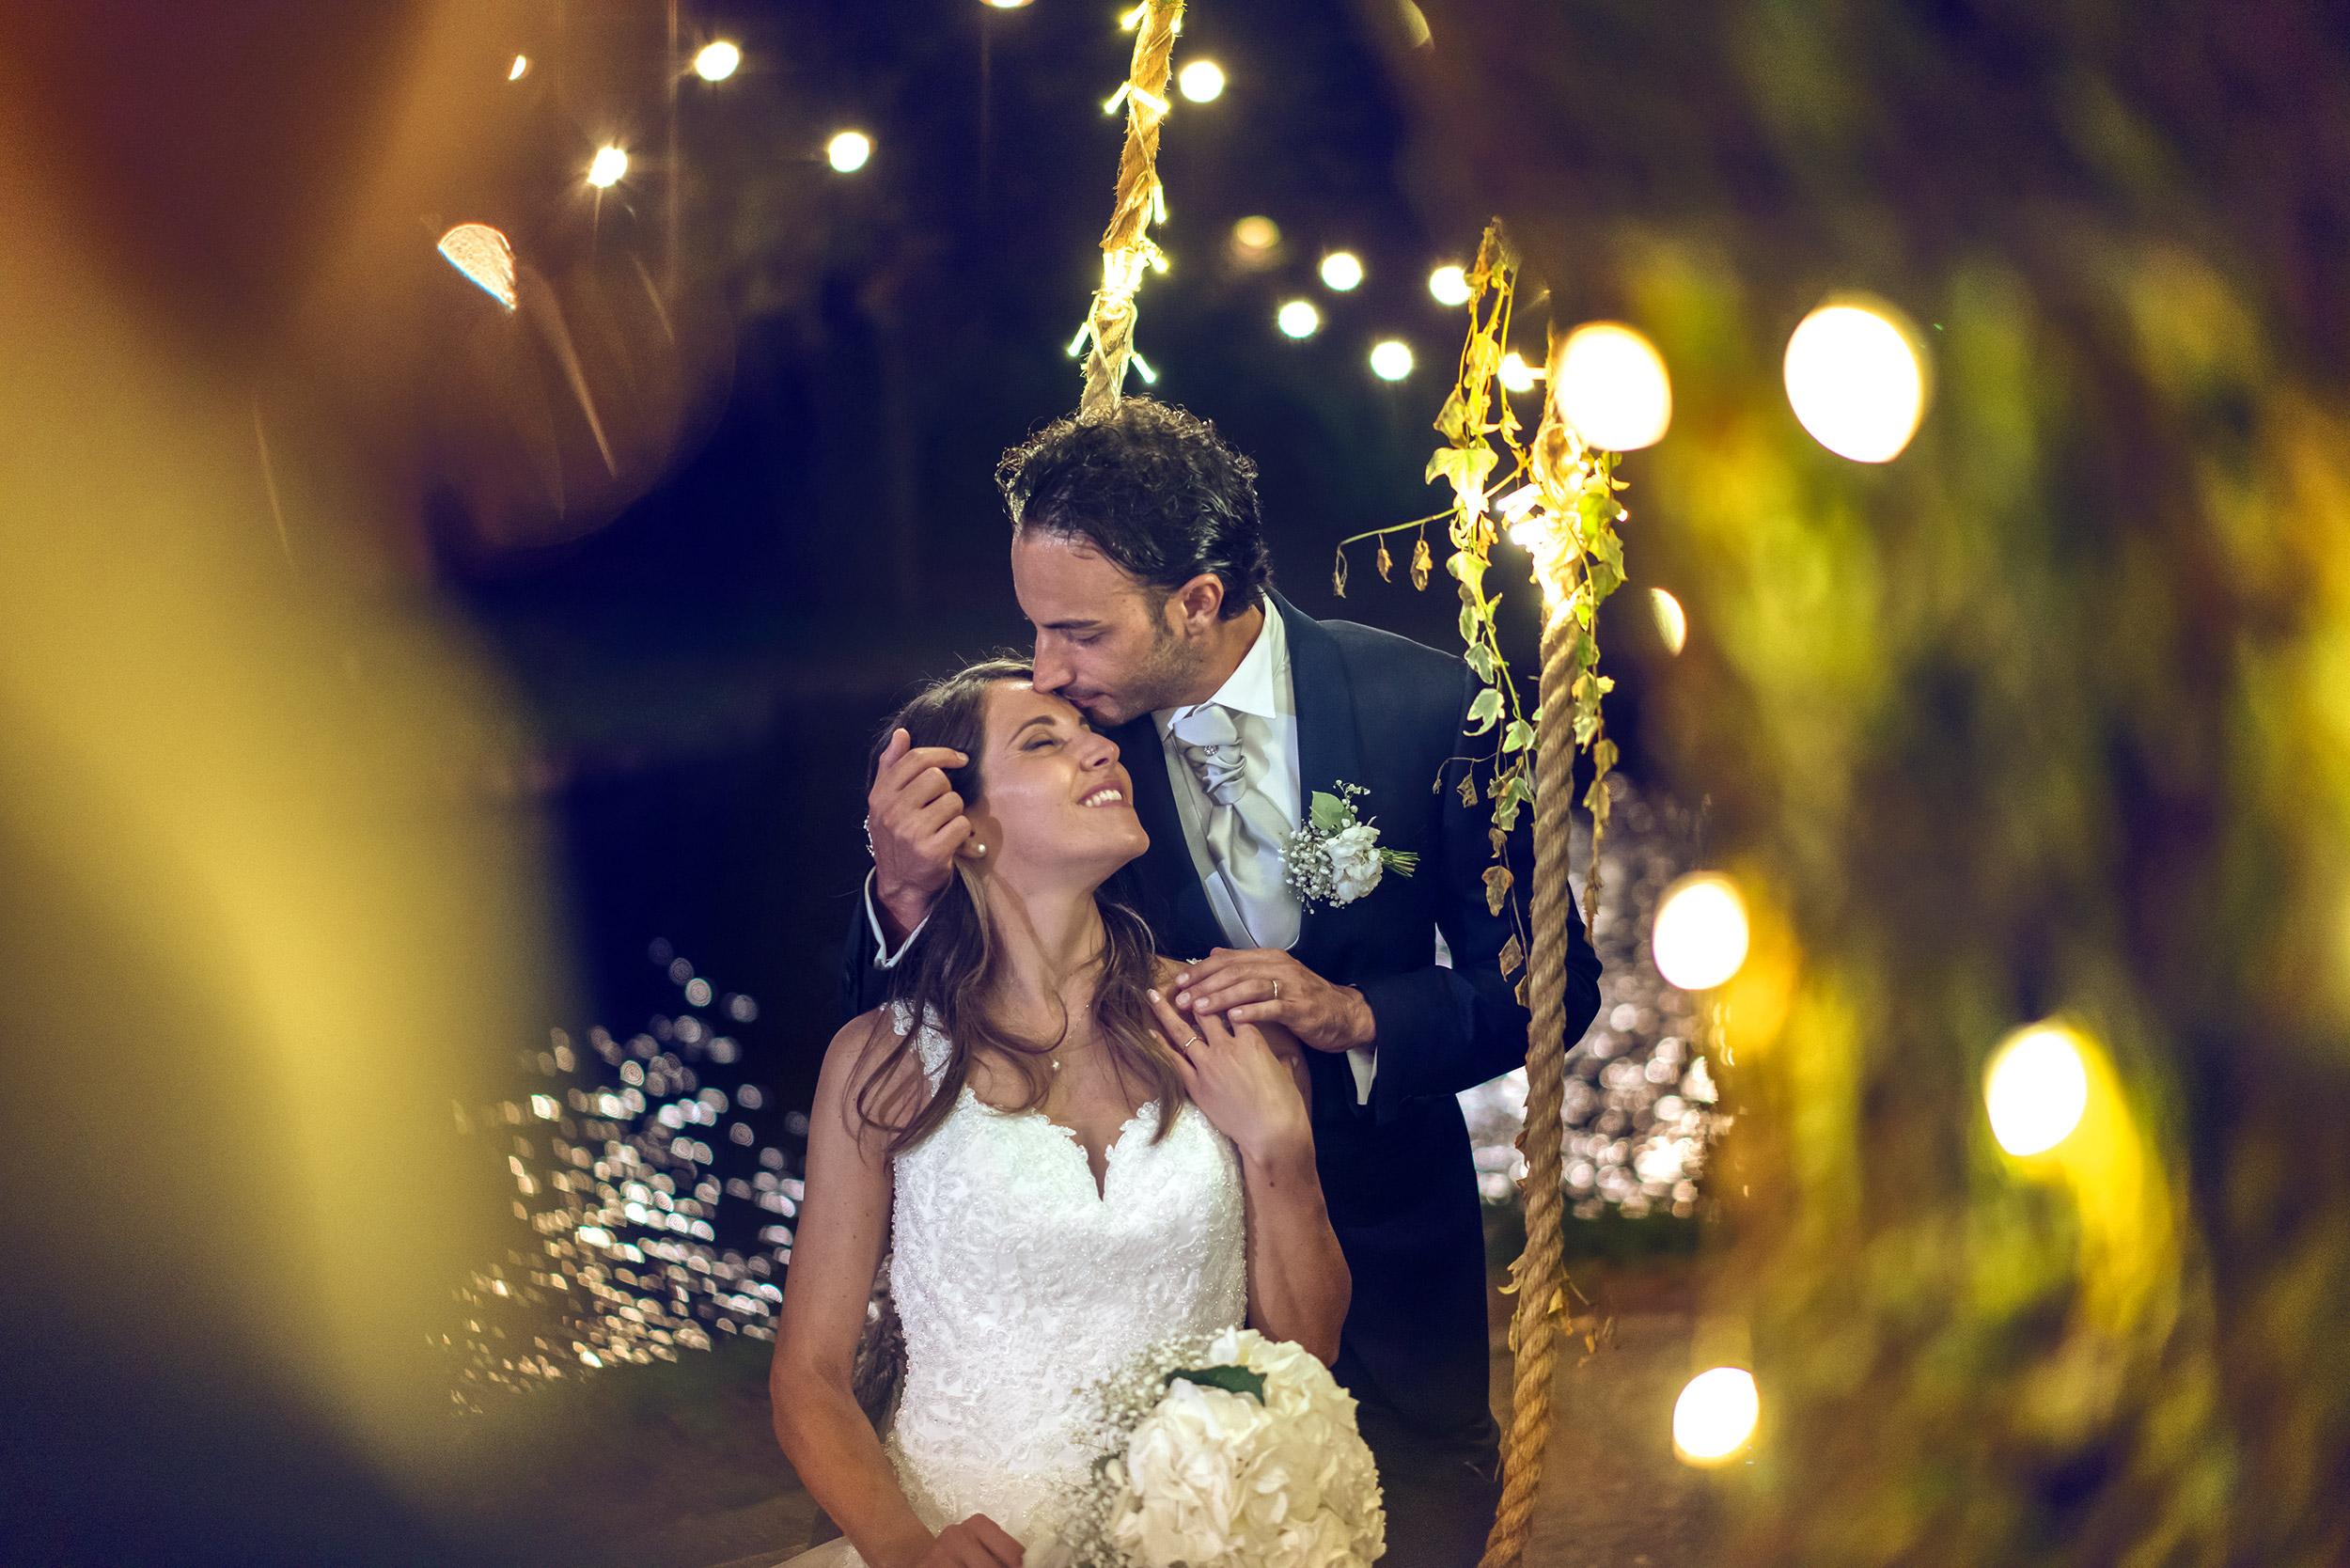 000 reportage sposi foto matrimonio wedding villa acquaroli carvico bergamo 1